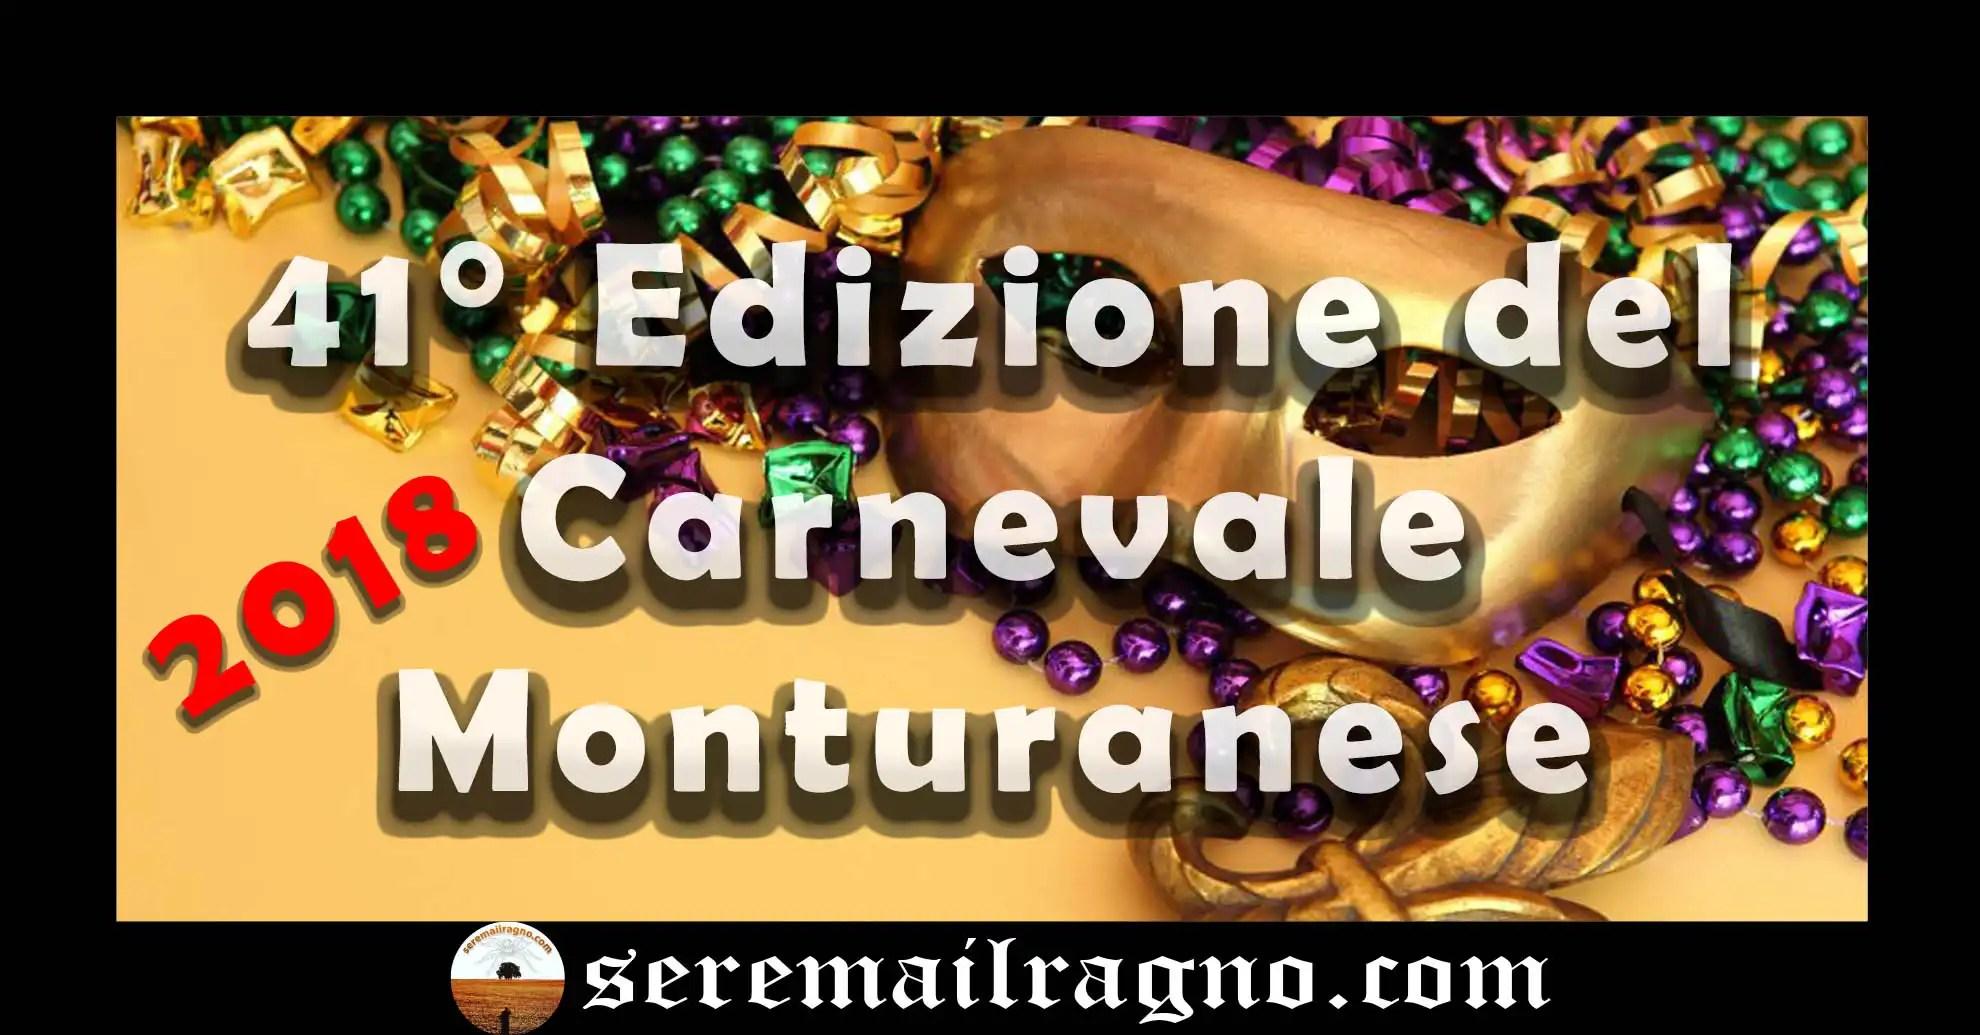 Torna la 41° Edizione del Carnevale Monturanese